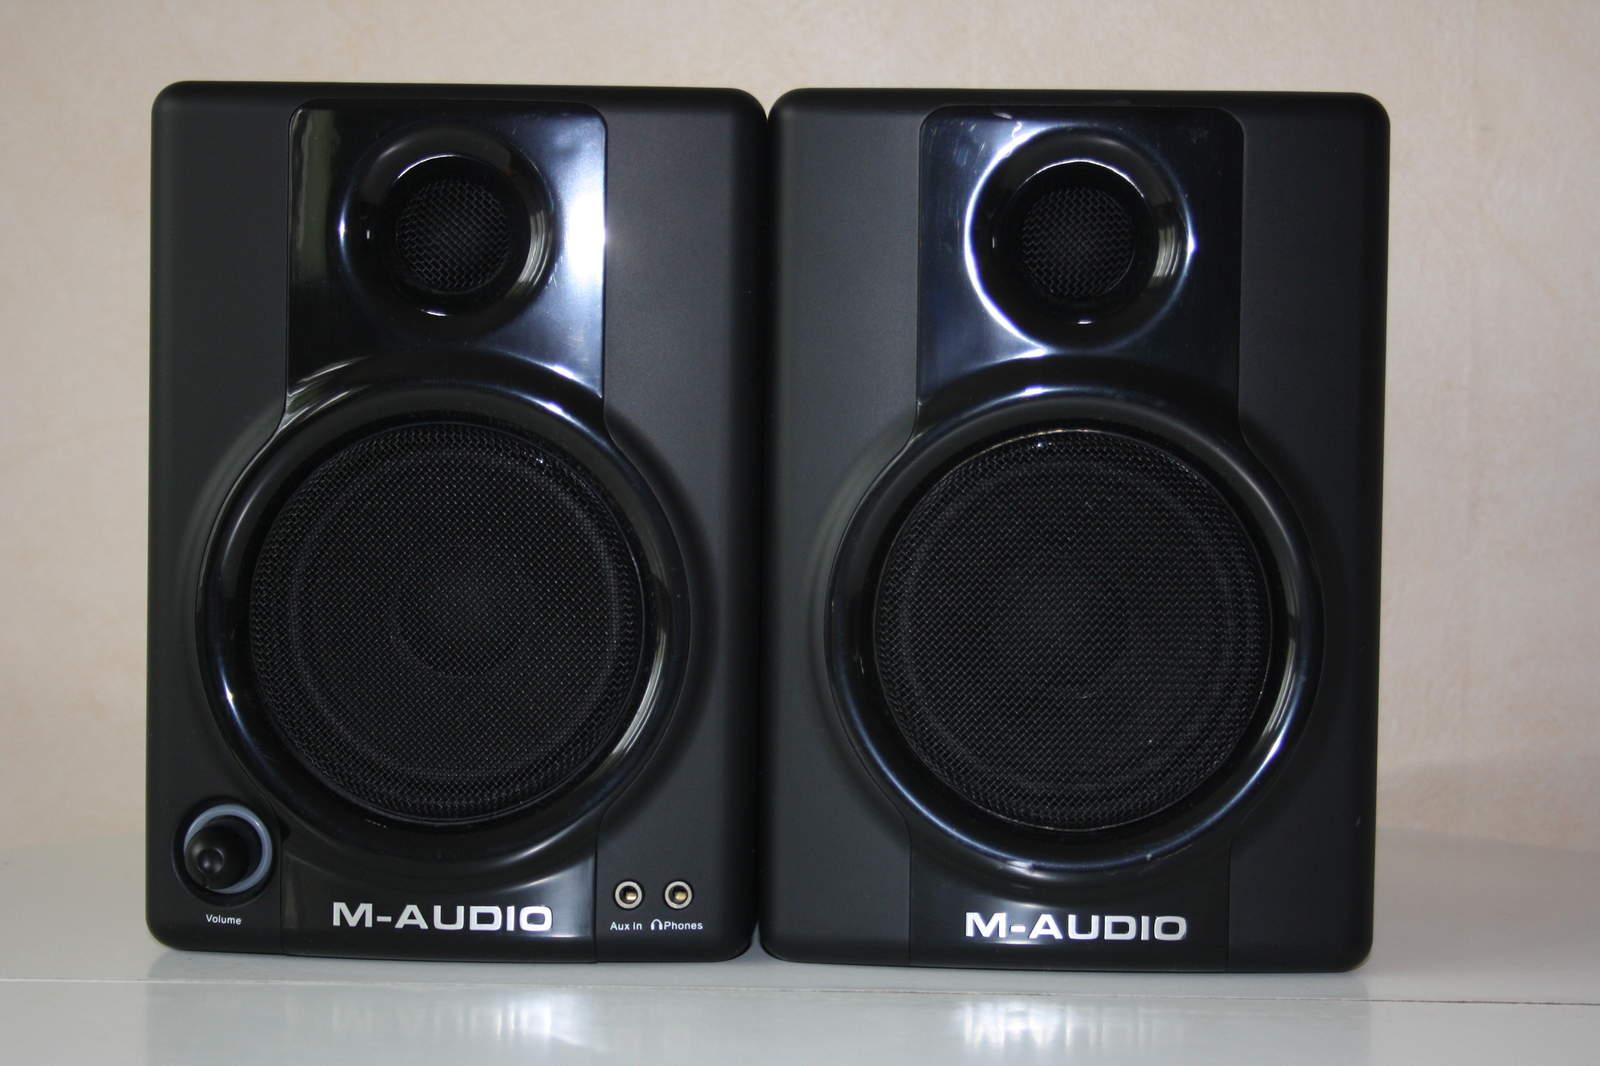 M-Audio <b>AV 30</b> image (#165519) - Audiofanzine